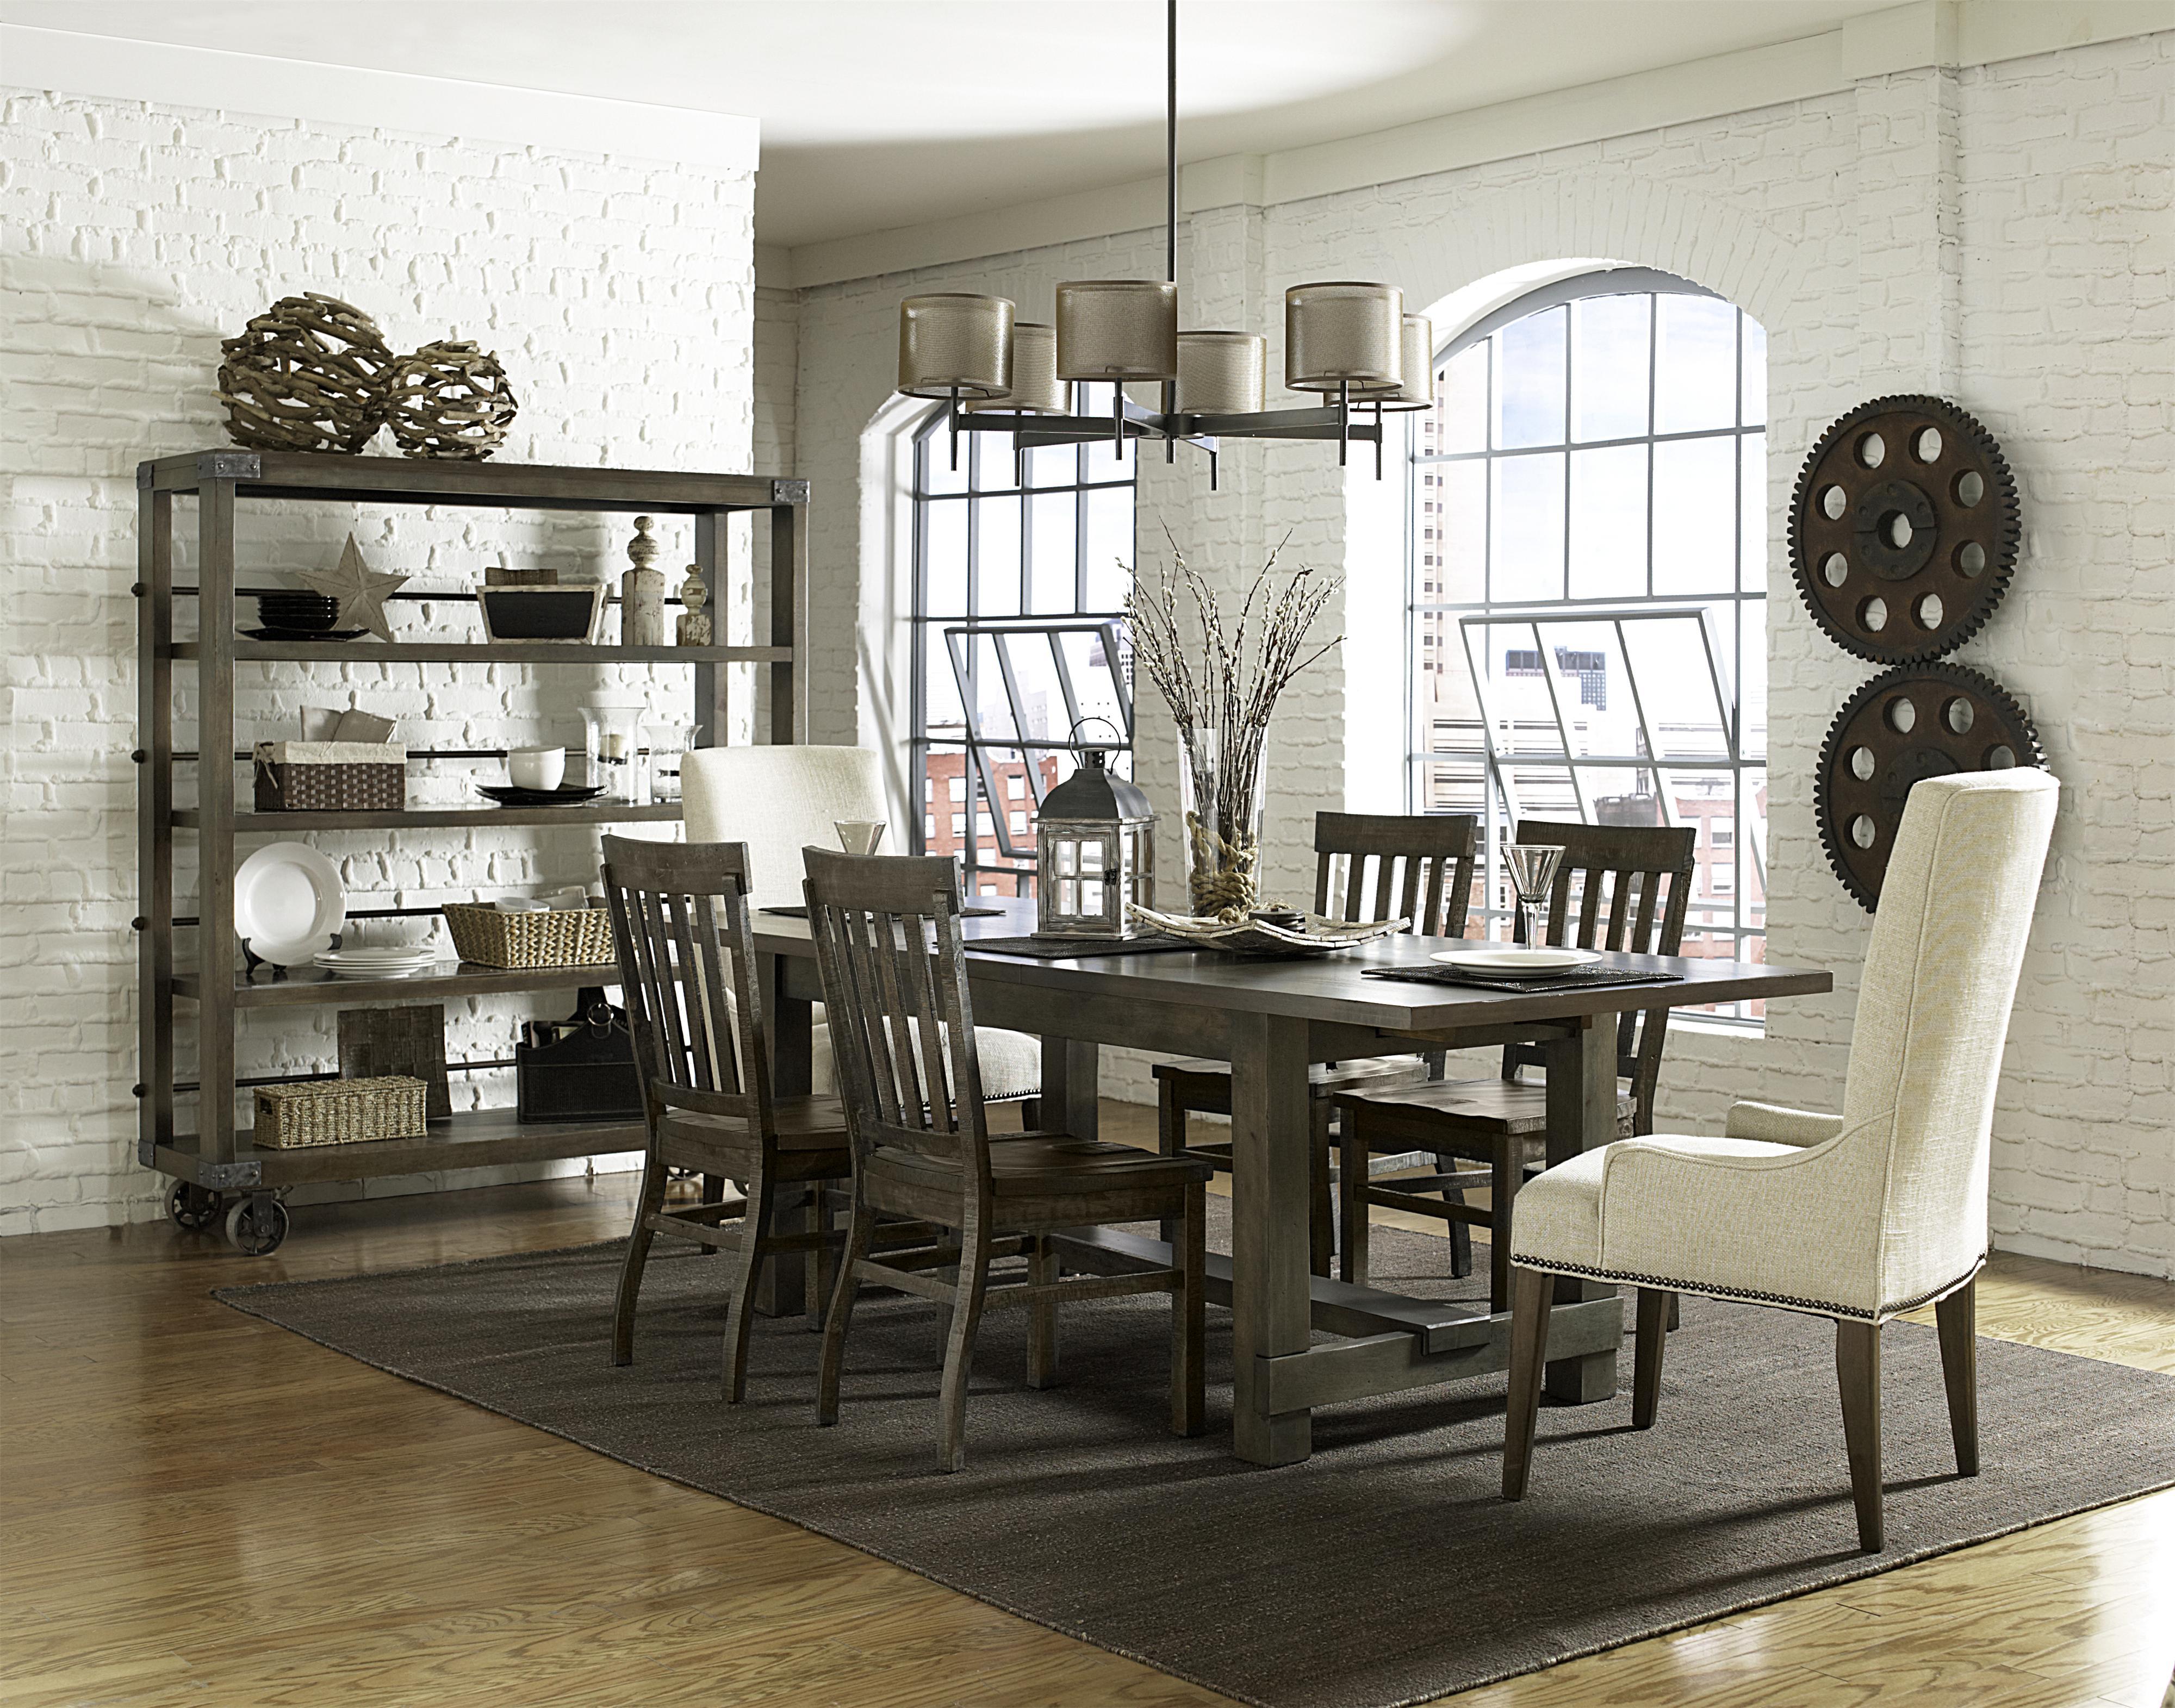 Belfort Select Karlin Formal Dining Room Group - Item Number: D2471 Dining Room Group 13